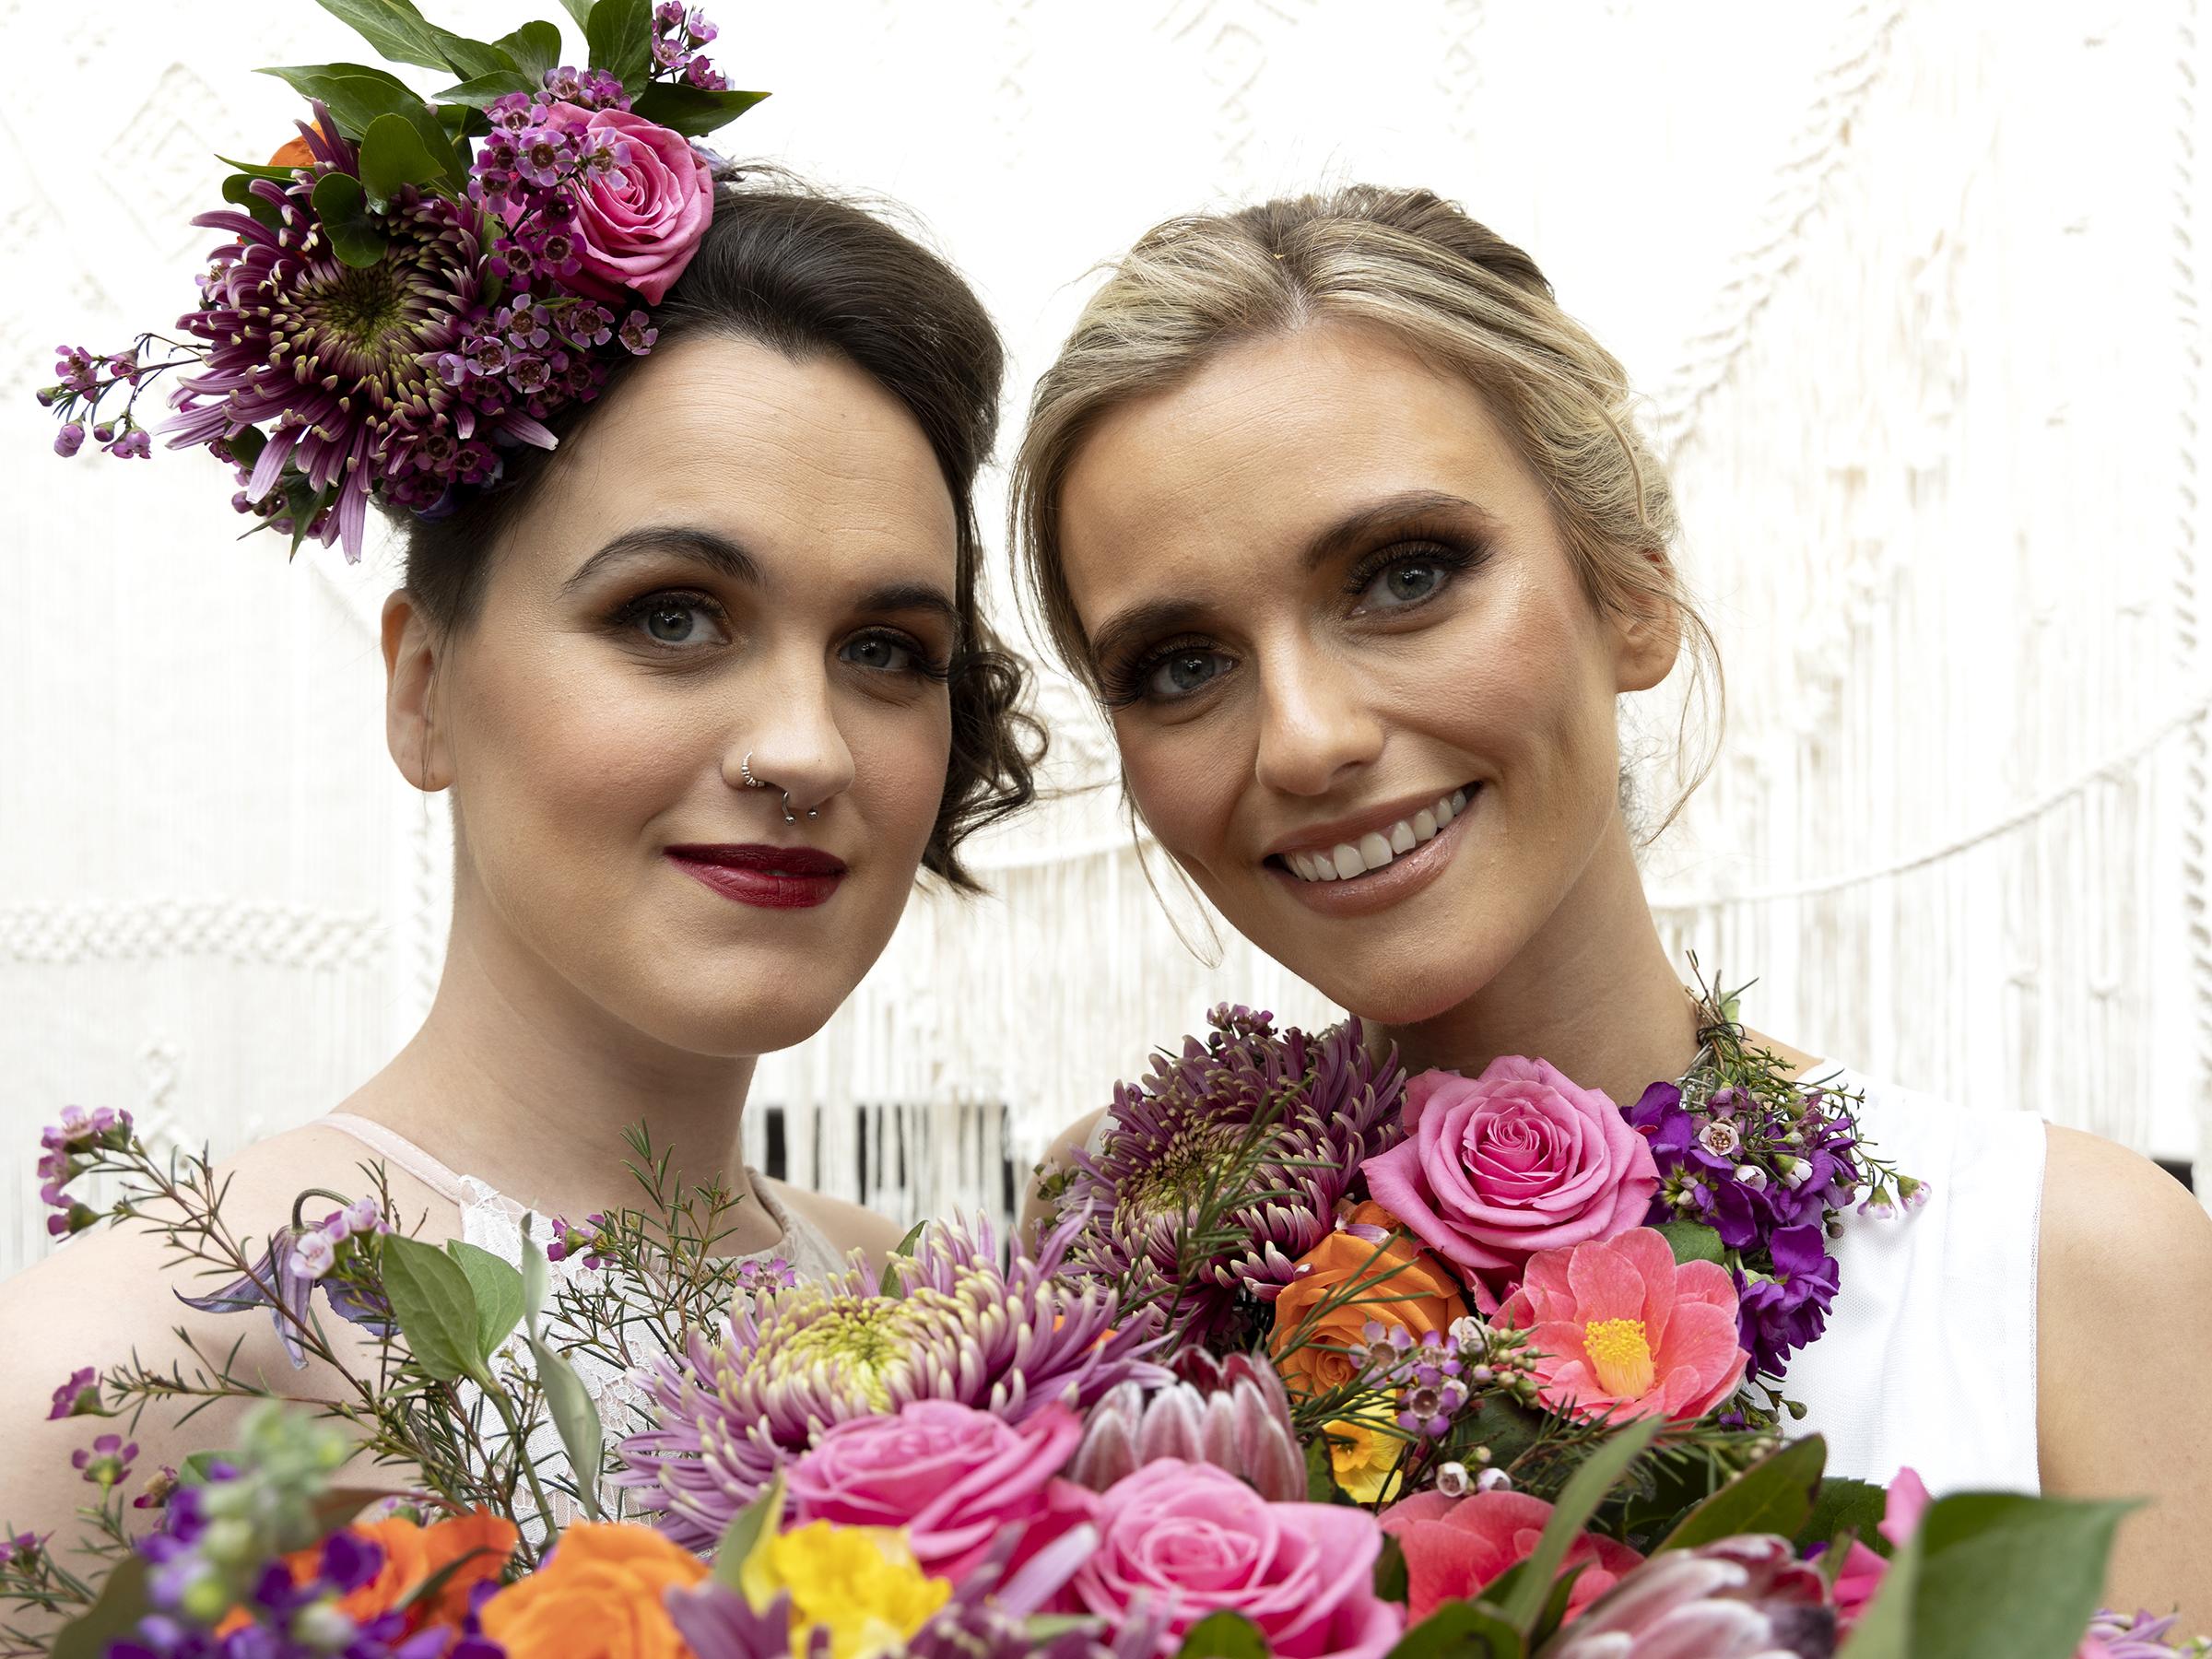 modern boho wedding - wollaton hall - bold wedding flowers - same sex wedding - lesbian wedding - lgbtq wedding - rainbow wedding - colourful wedding - bold wedding flowers